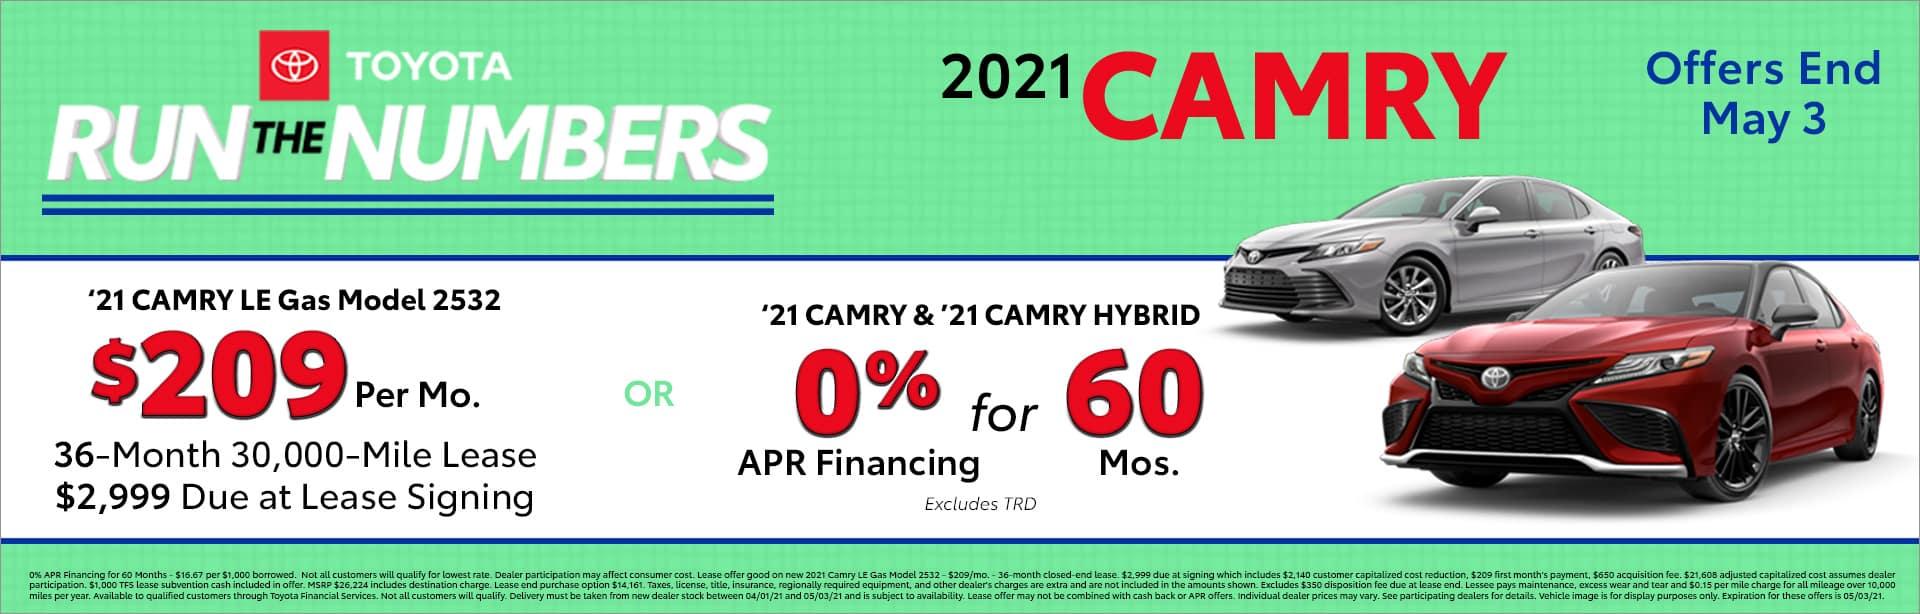 cn_APR_2021_TDAP_Camry_1920x614